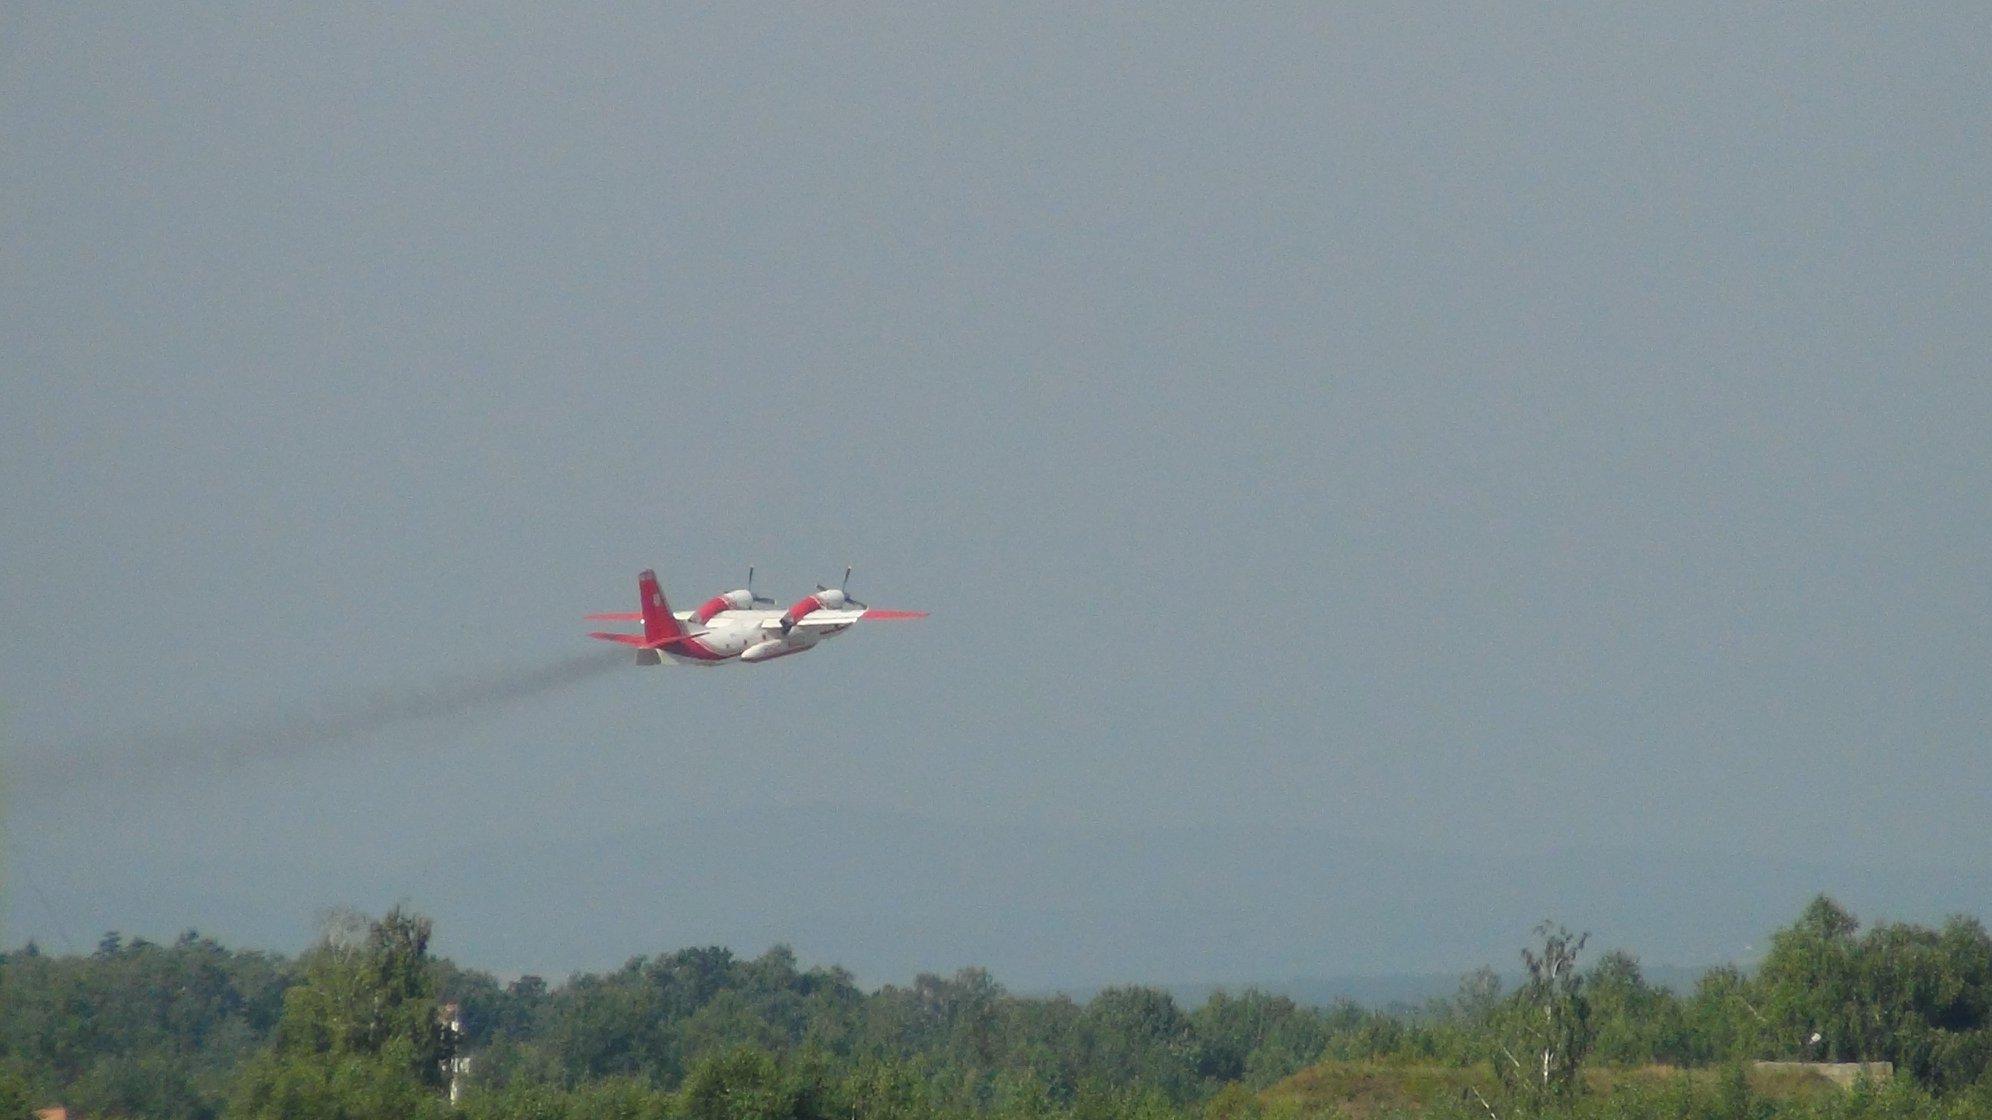 Прикарпатські рятувальники вчаться гасити лісові пожежі з літаків та гелікоптерів 14